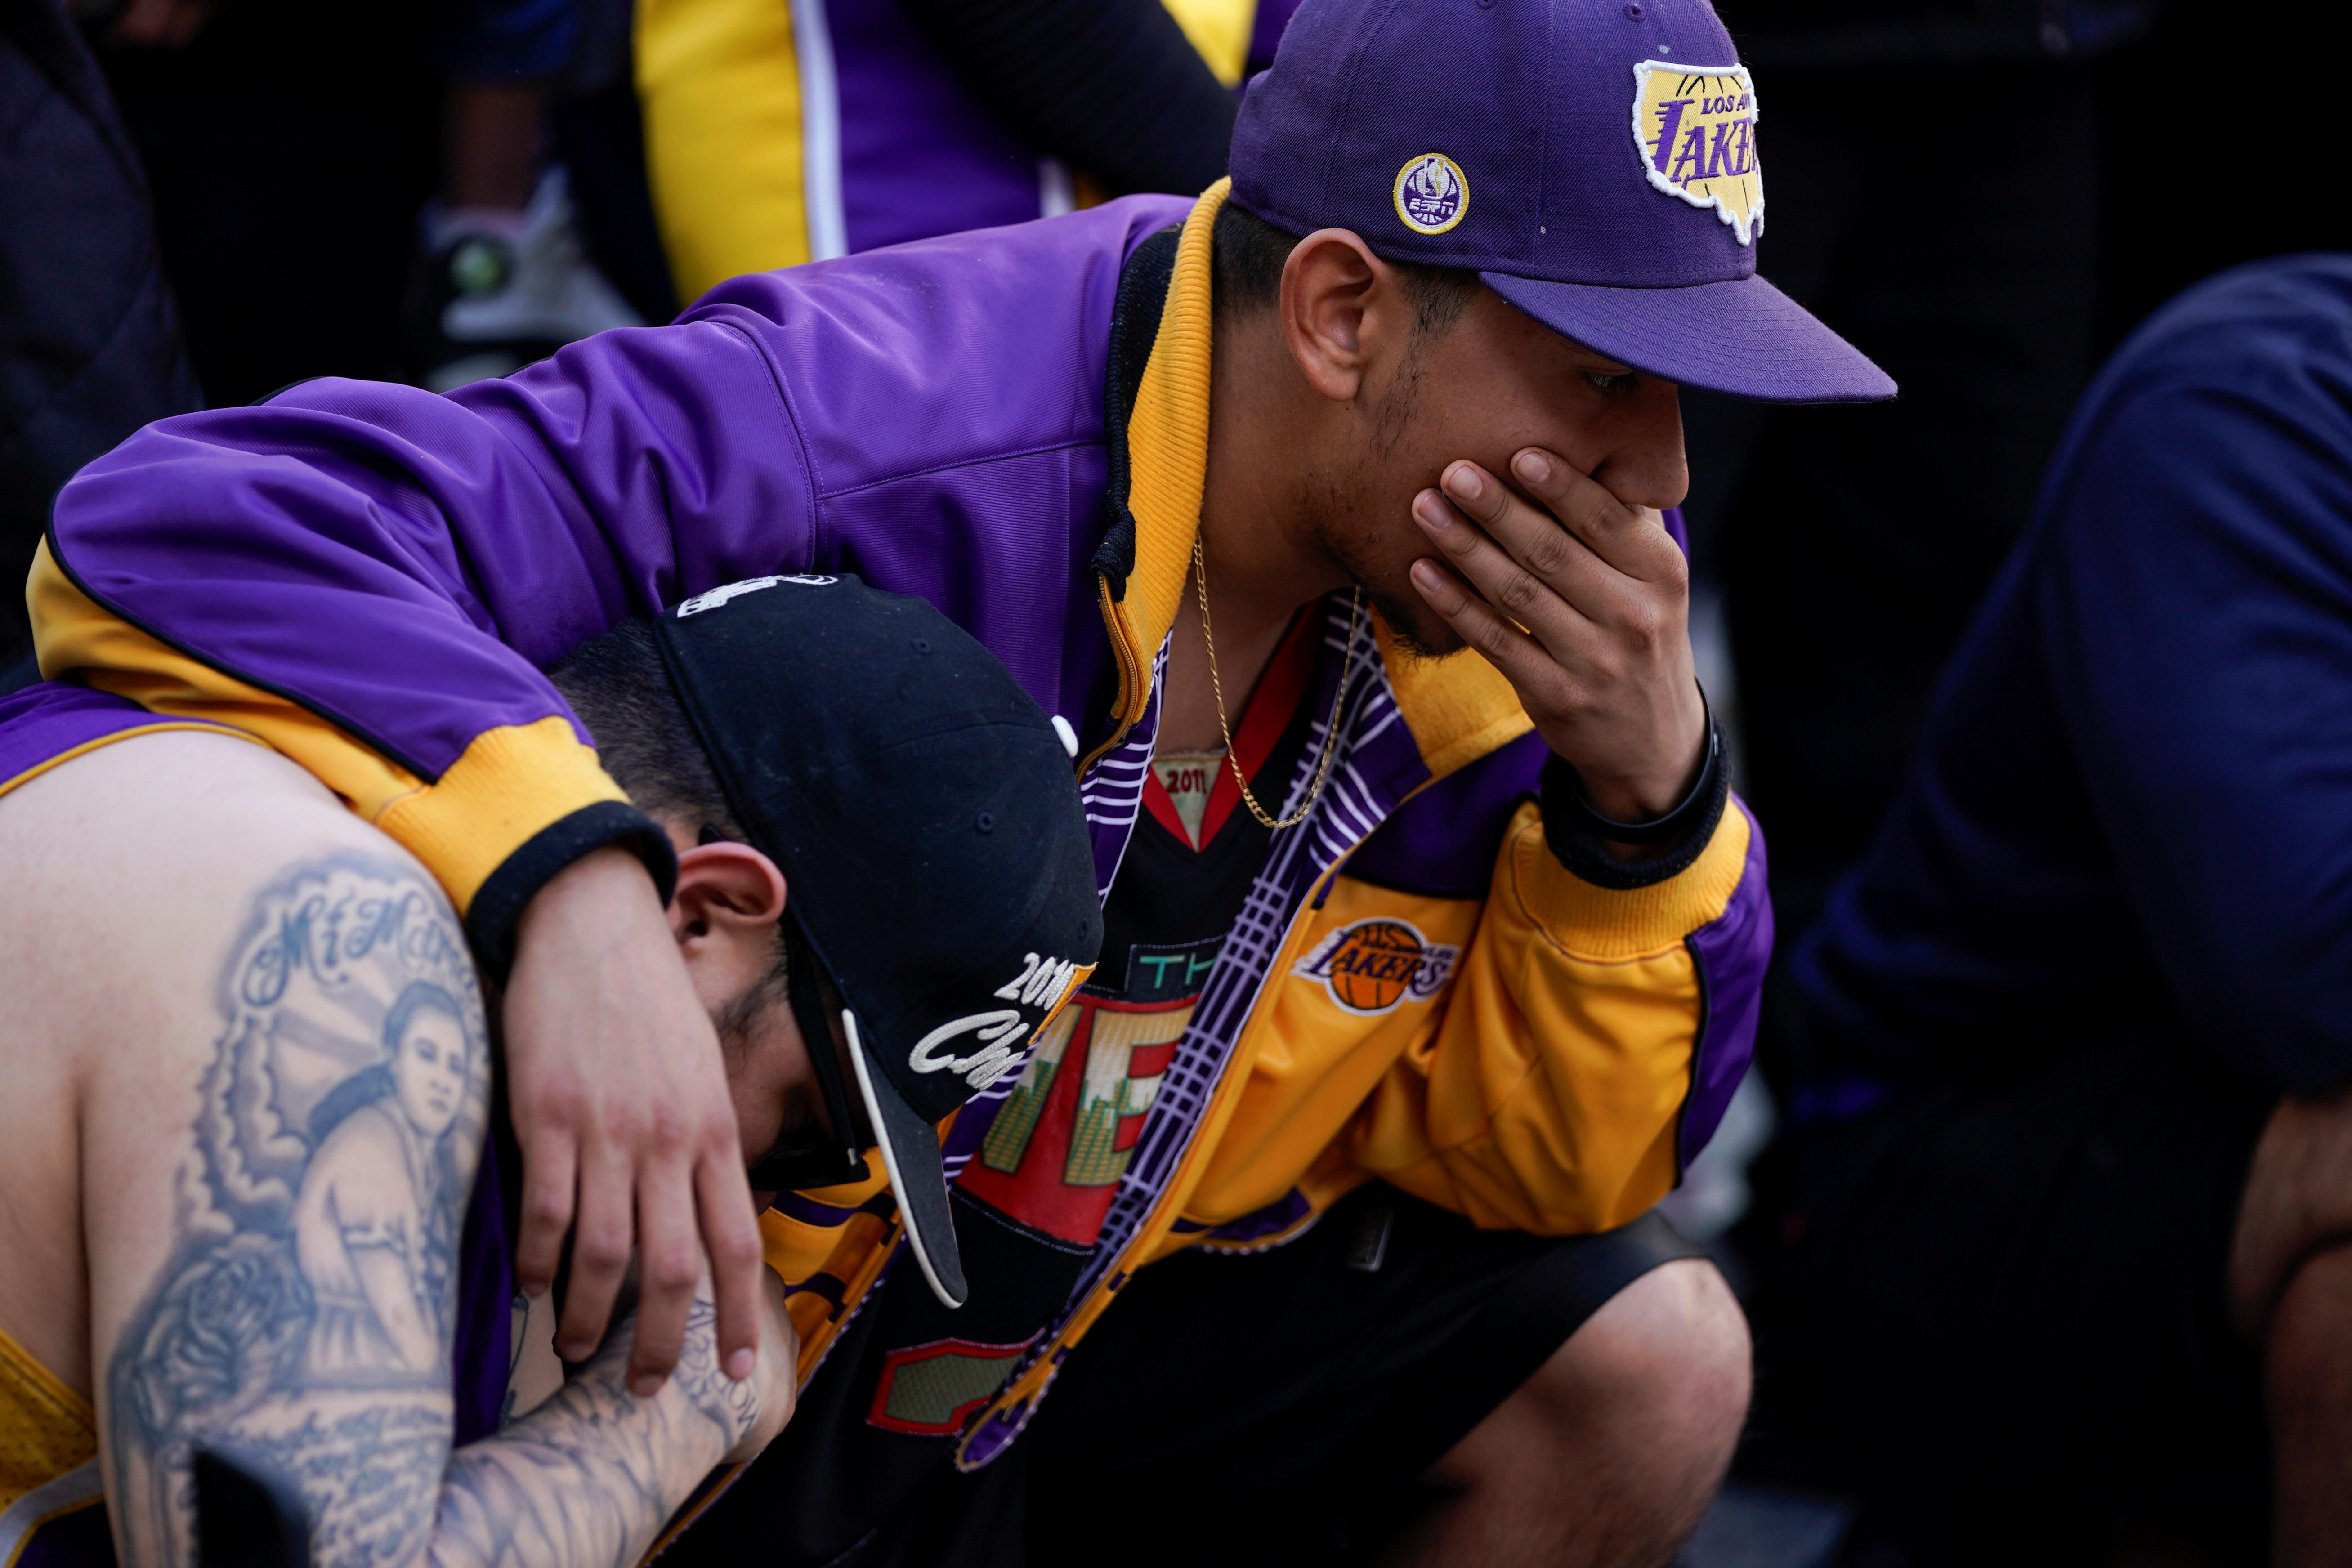 Este domingo Murió Kobe Bryant, uno de los mejores jugadores de la historia del baloncesto